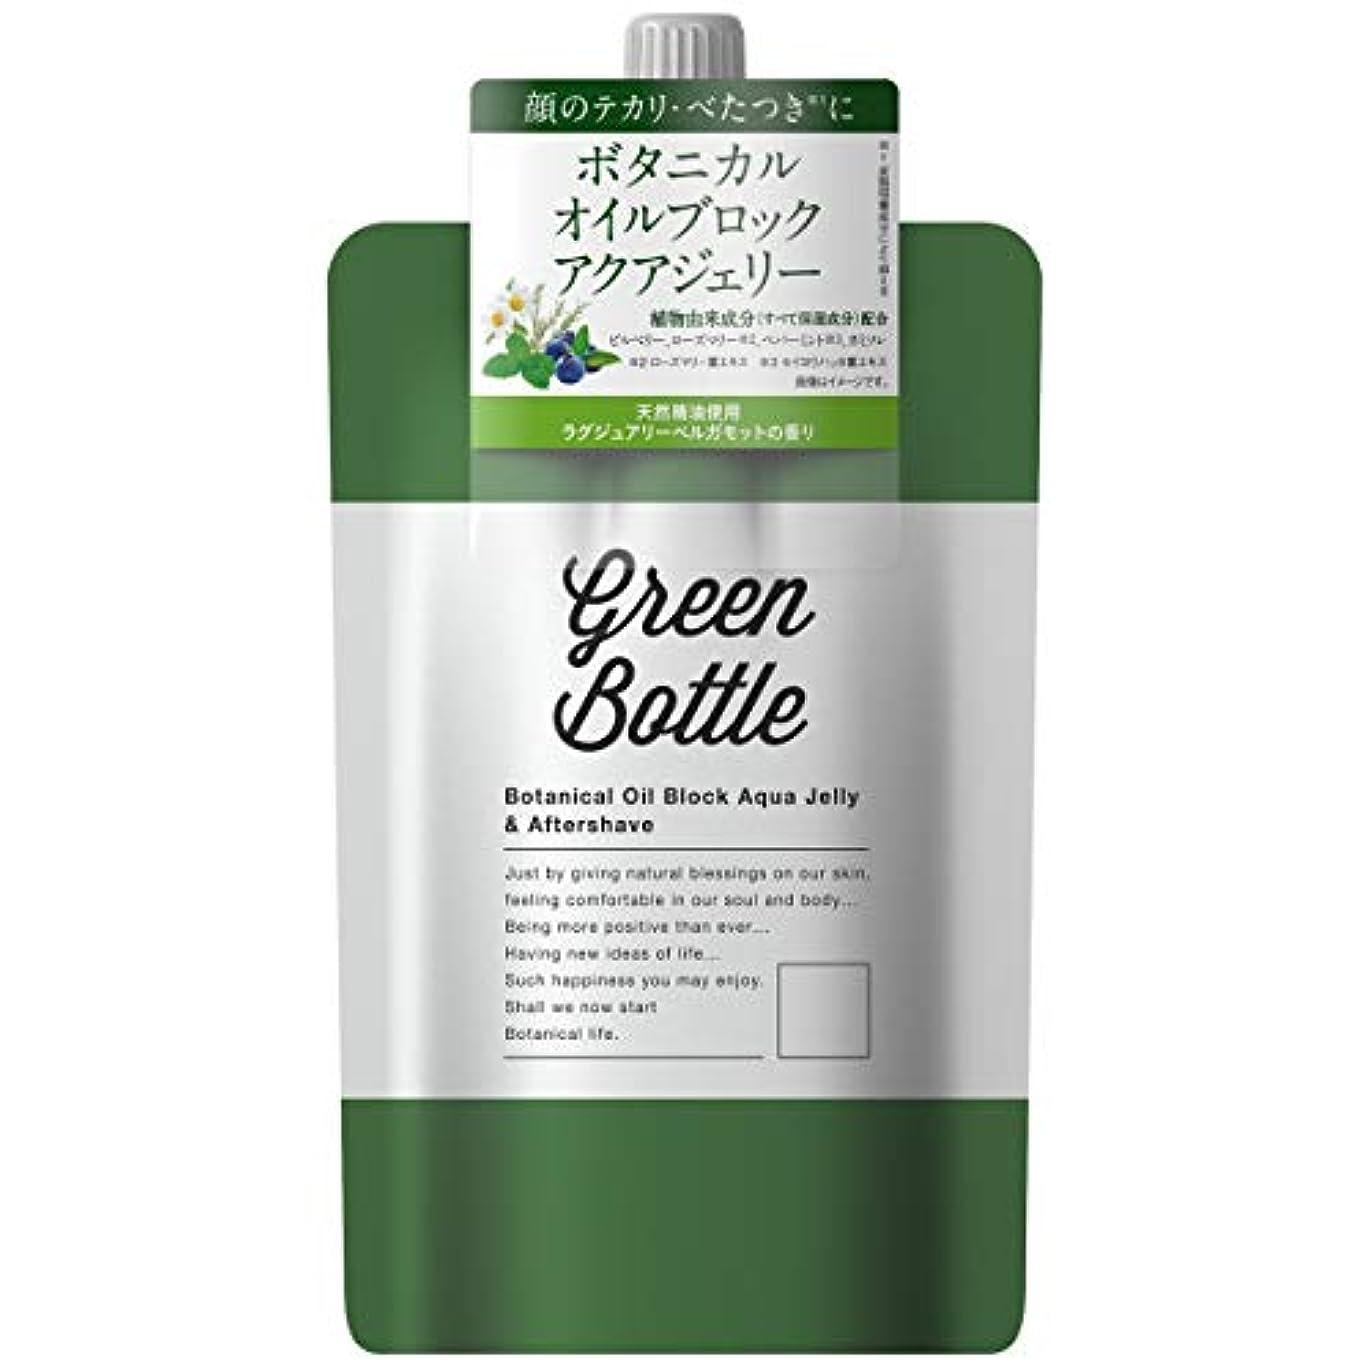 パーク細分化する金銭的グリーンボトルボタニカル グリーンボトル ボタニカルオイルブロックアクアジェリー 化粧水 ラグジュアリーベルガモットの香り 150g